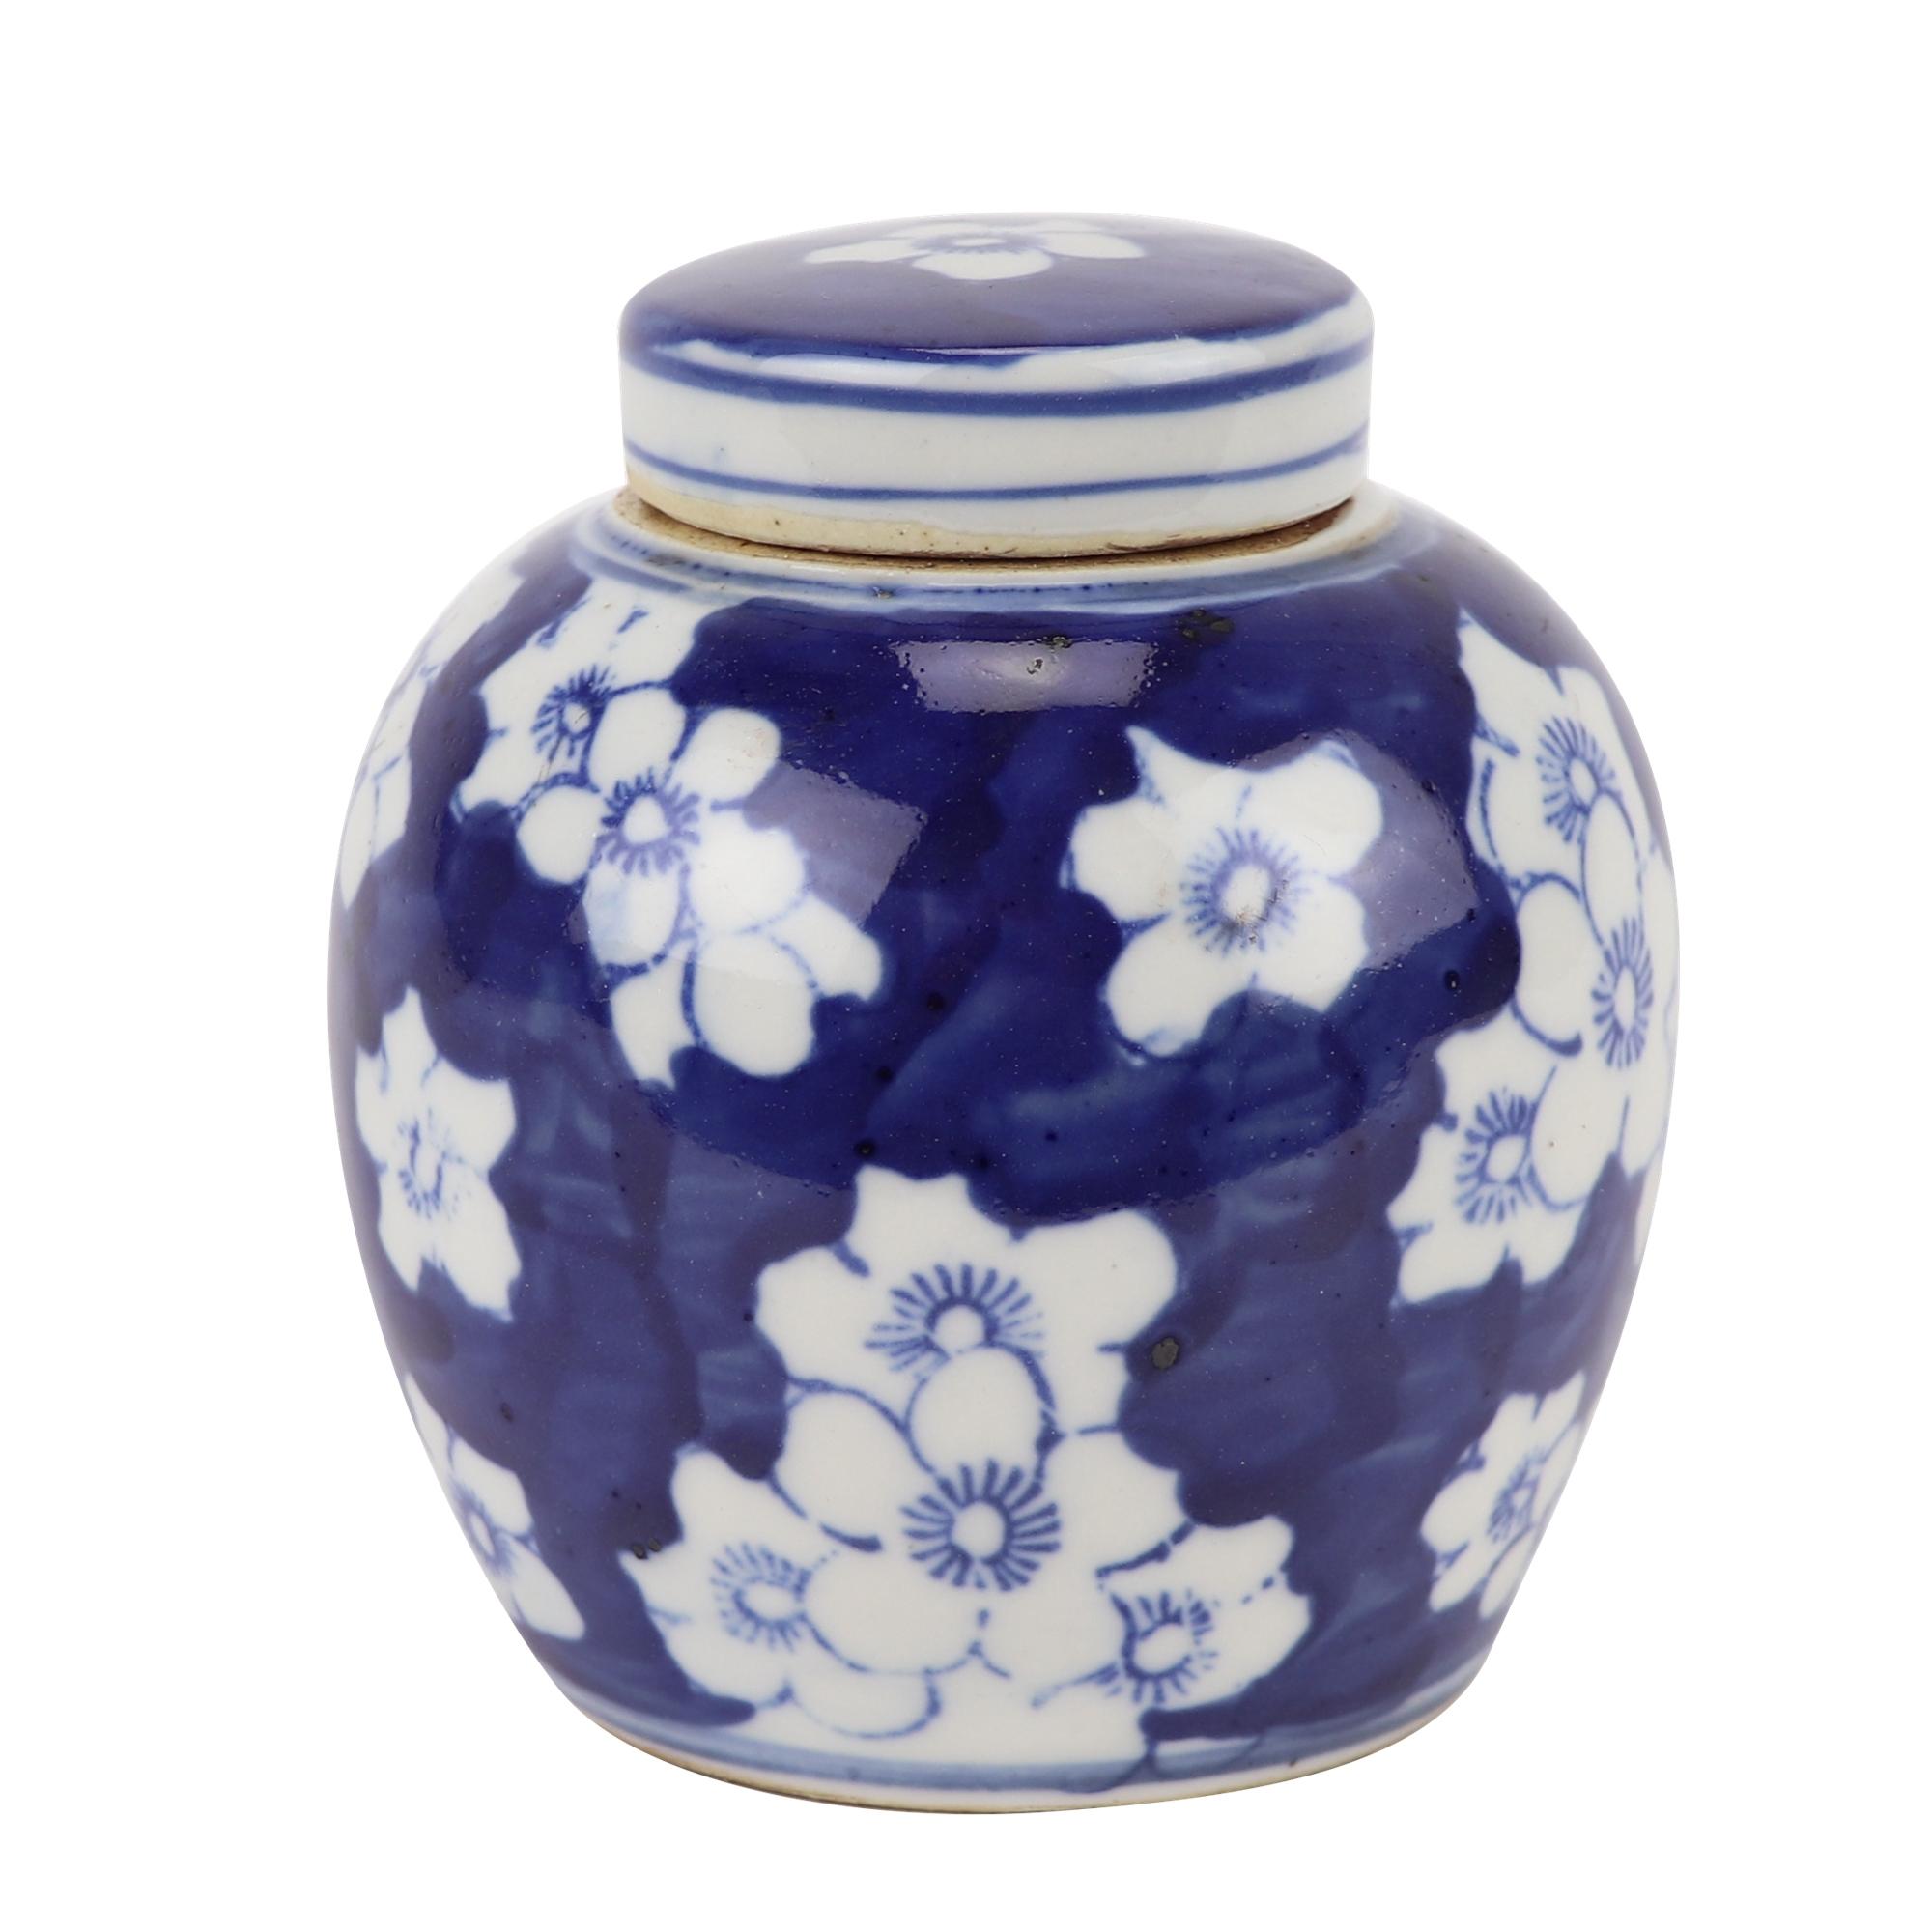 青花梅花纹设计的陶罐